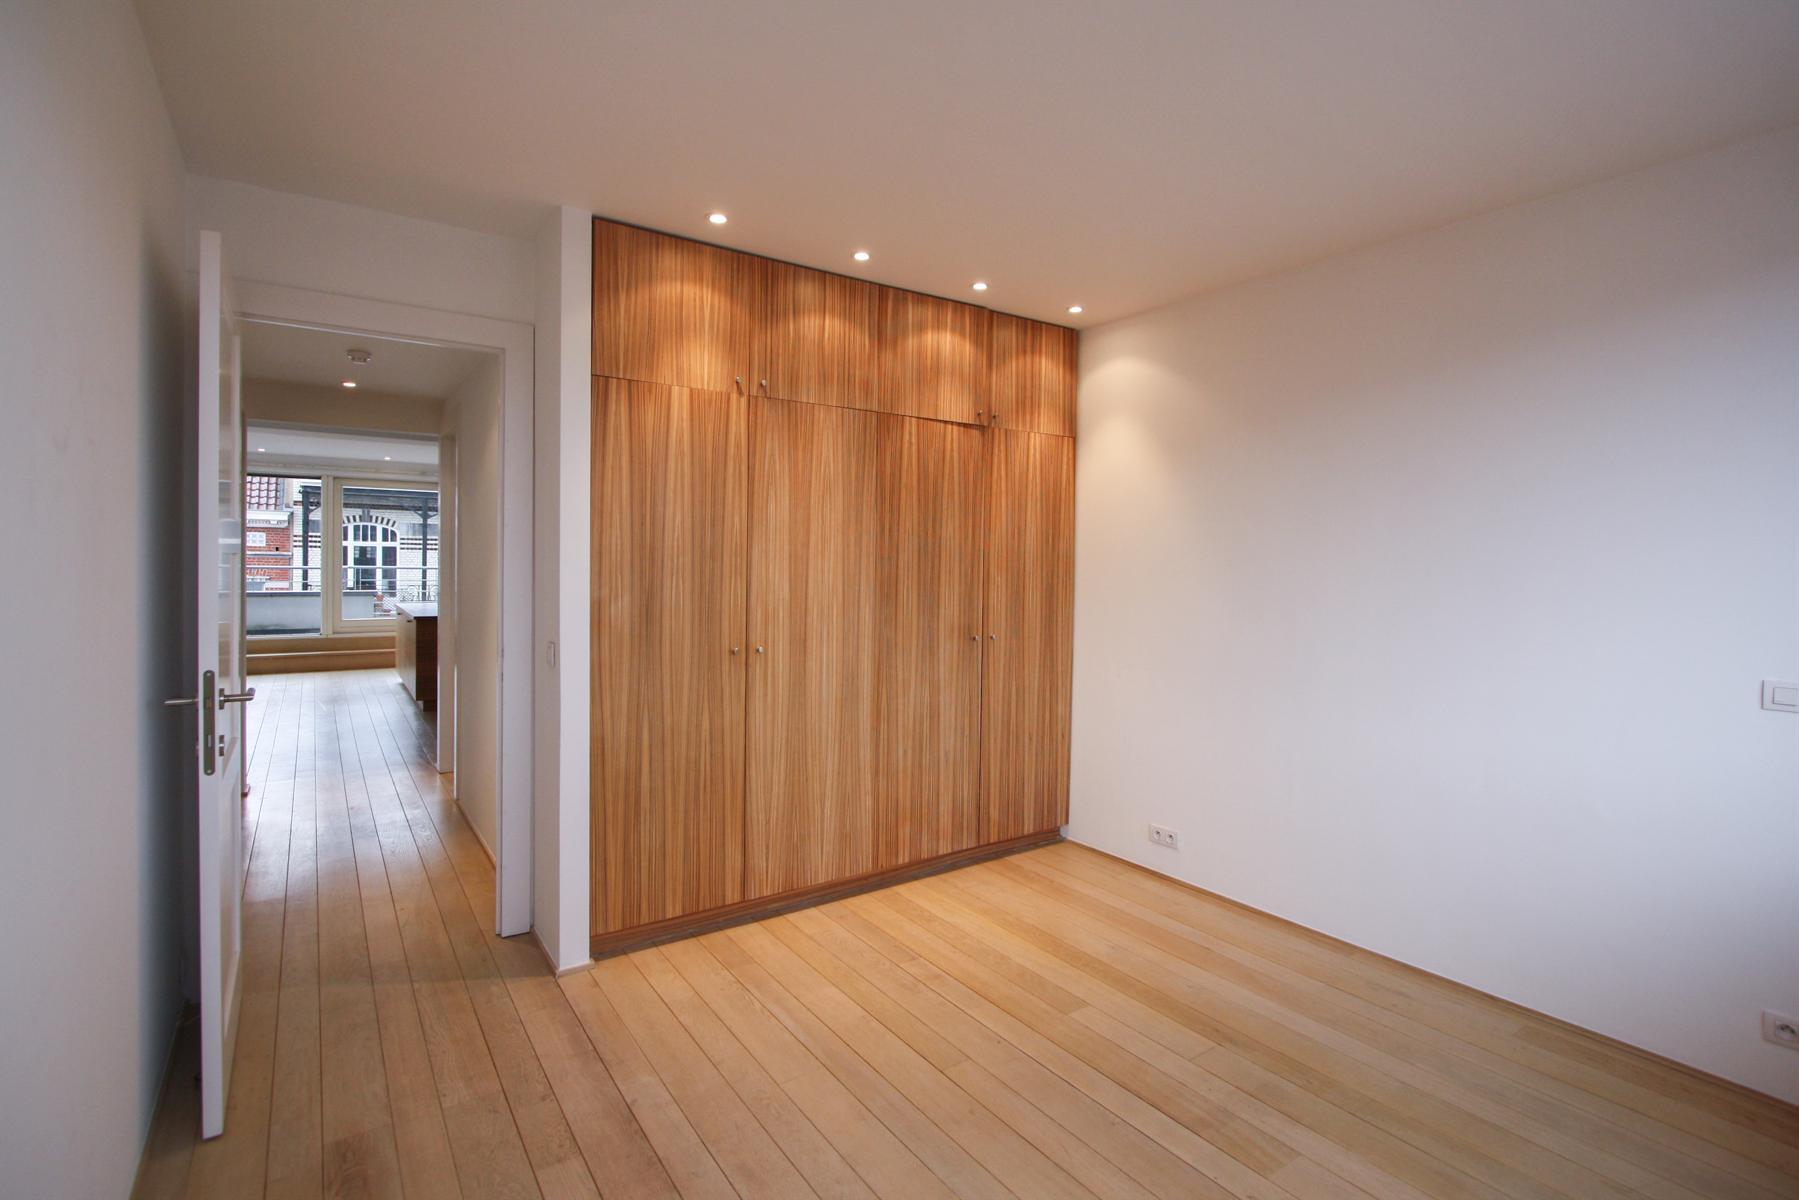 Appartement - Ixelles - #4530763-25